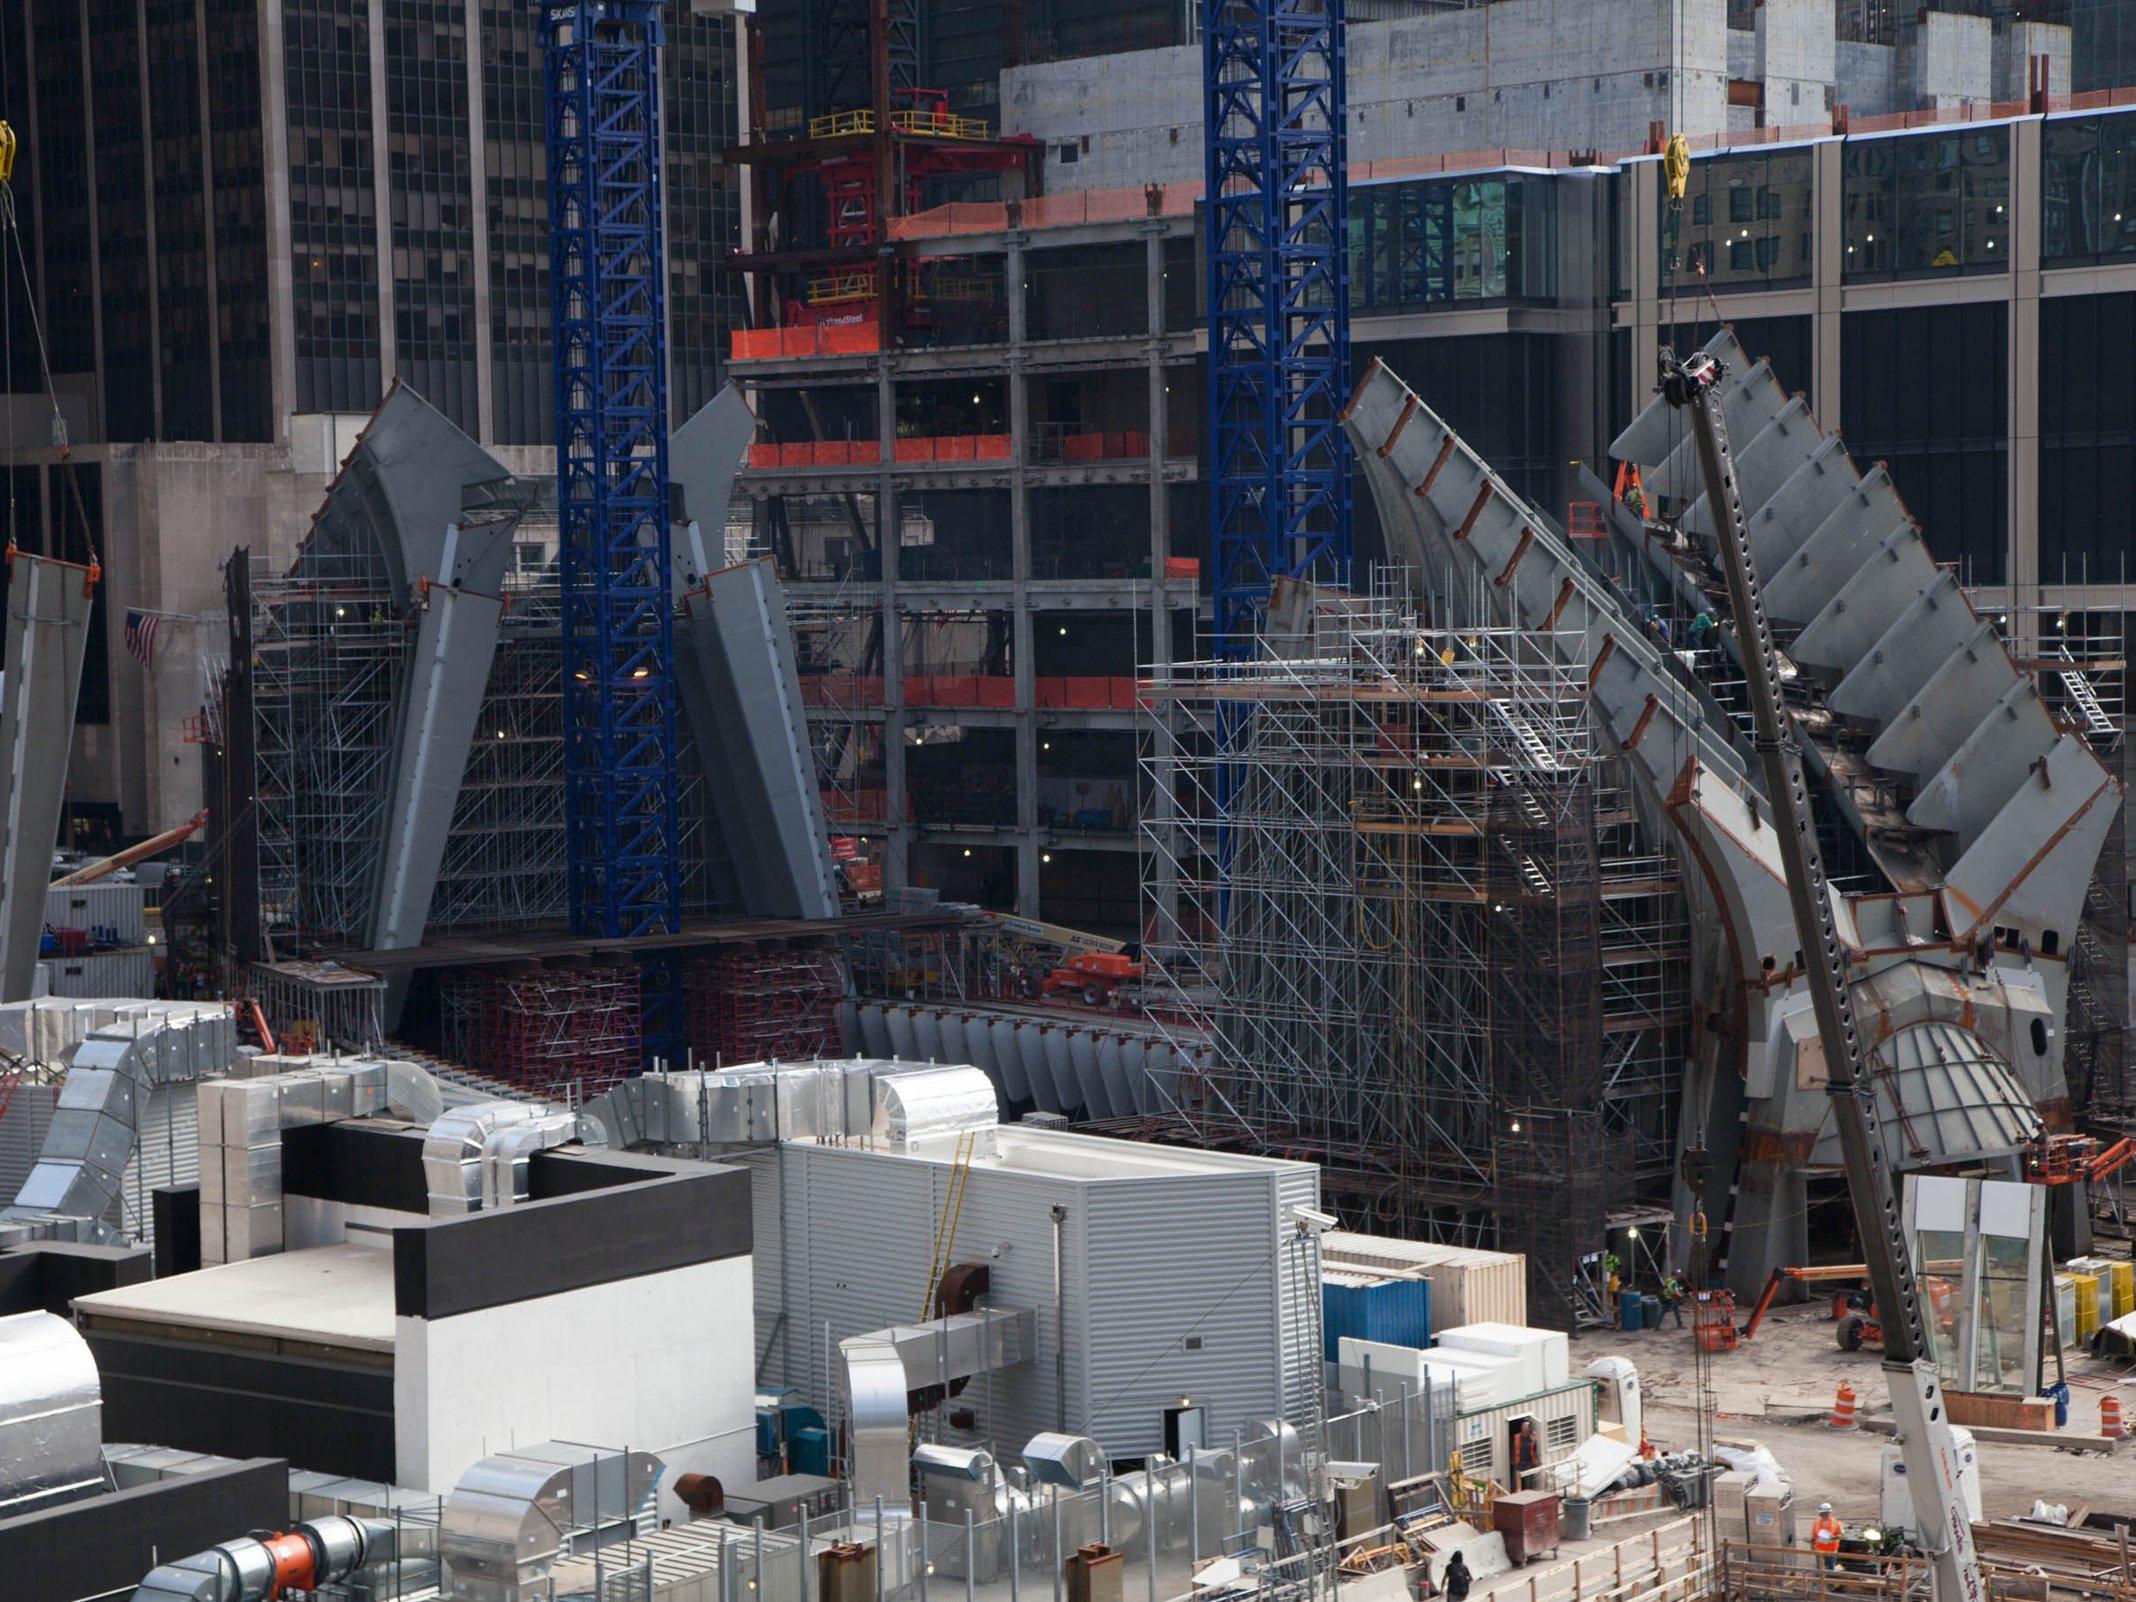 Baustelle des neuen One World Trade Centers in New York: Der Beton des vierthöchsten Hochhauses der Welt wurde nach einem deutschen Verfahren entwickelt. Dadurch kann er Explosionen besser überstehen.